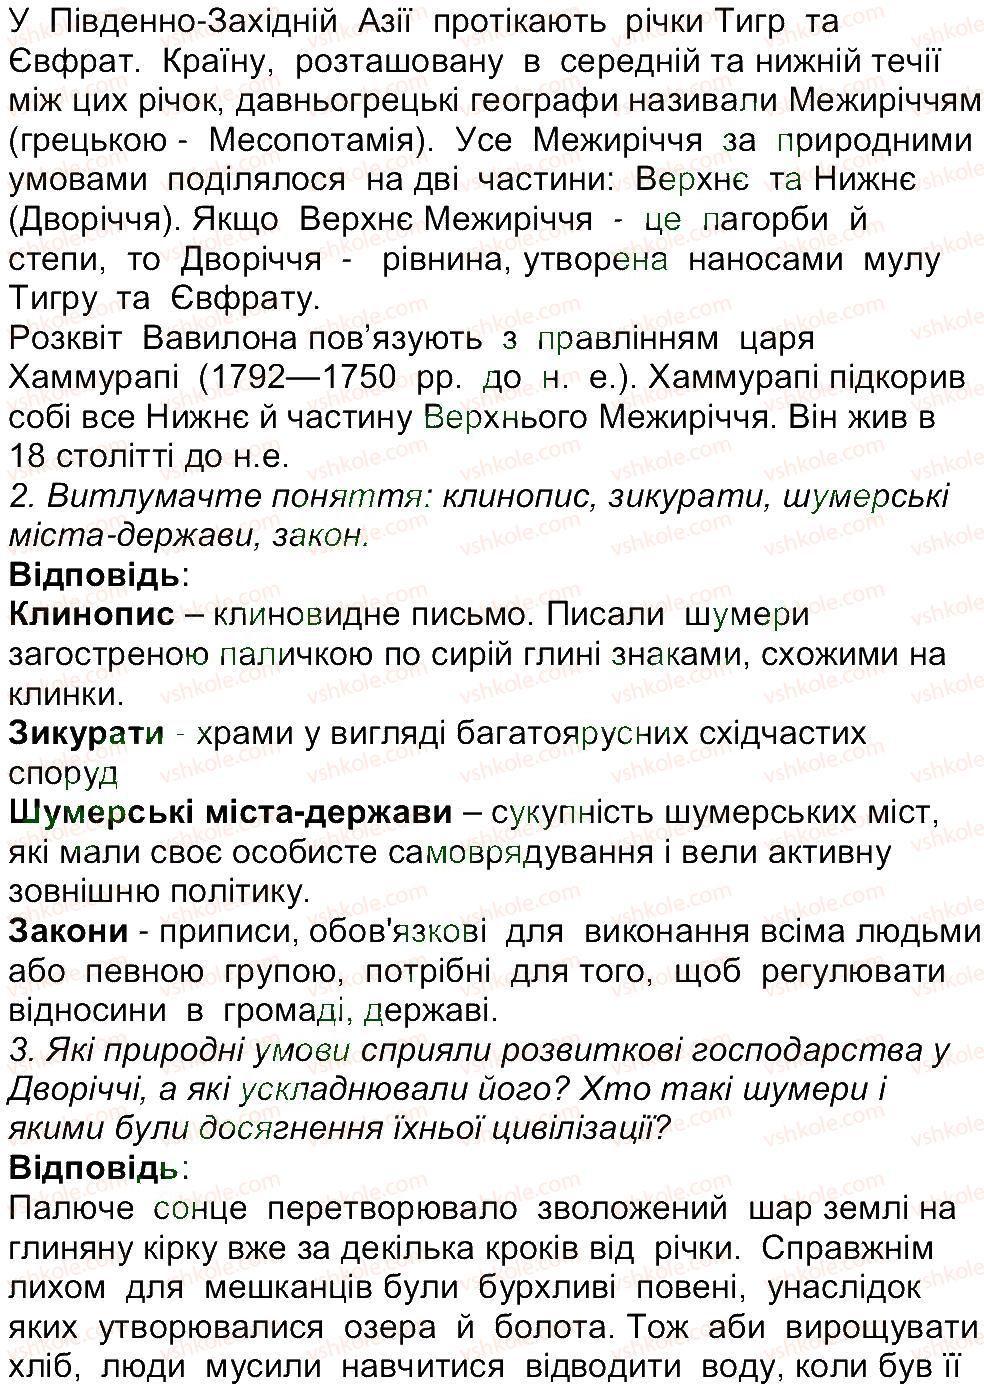 6-istoriya-og-bandrovskij-vs-vlasov-2014--storinki-72140-77-rnd788.jpg